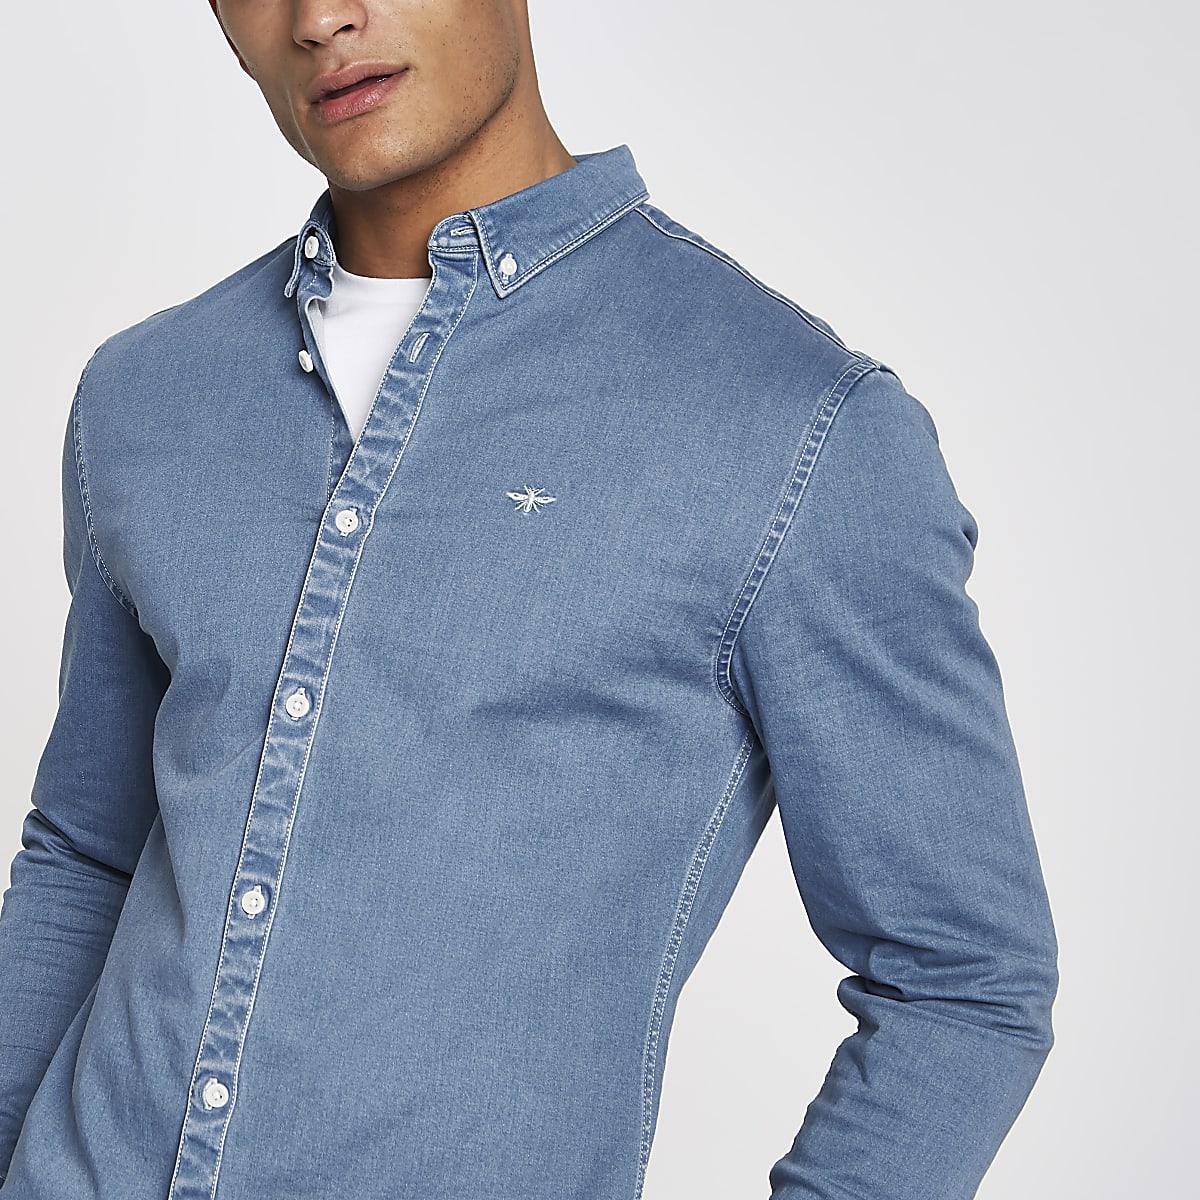 Chemise en jean ajustée bleue à manches longues